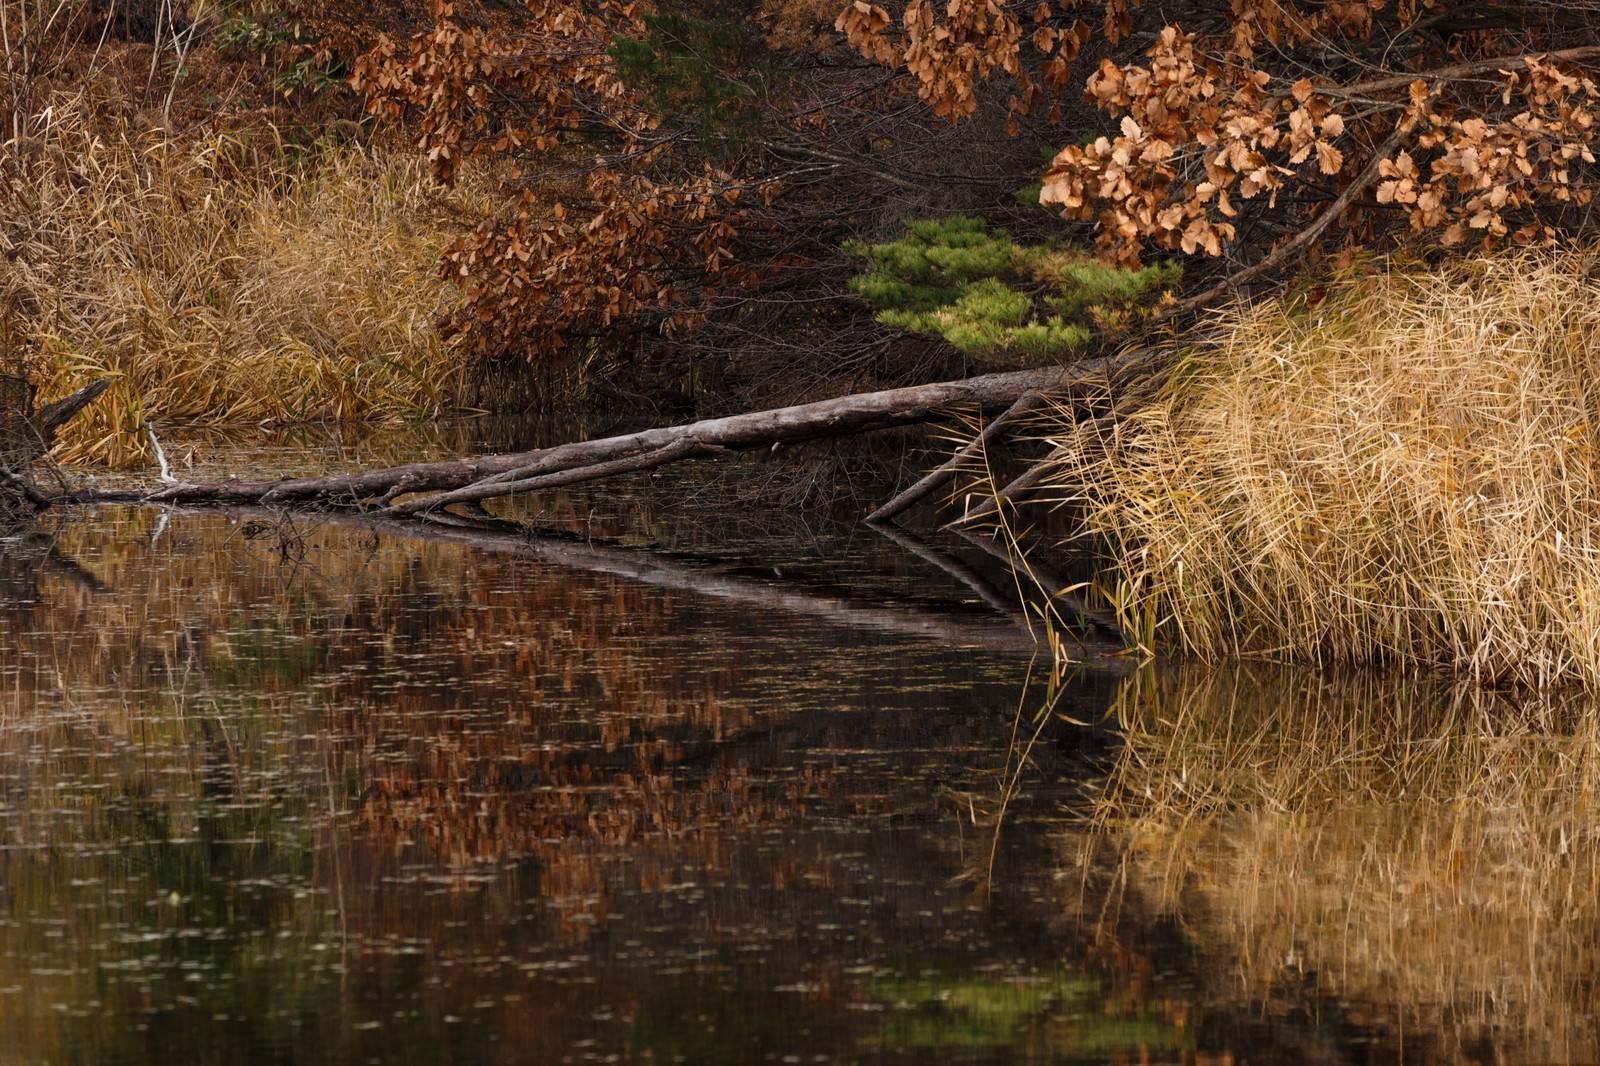 「倒木と沼」の写真